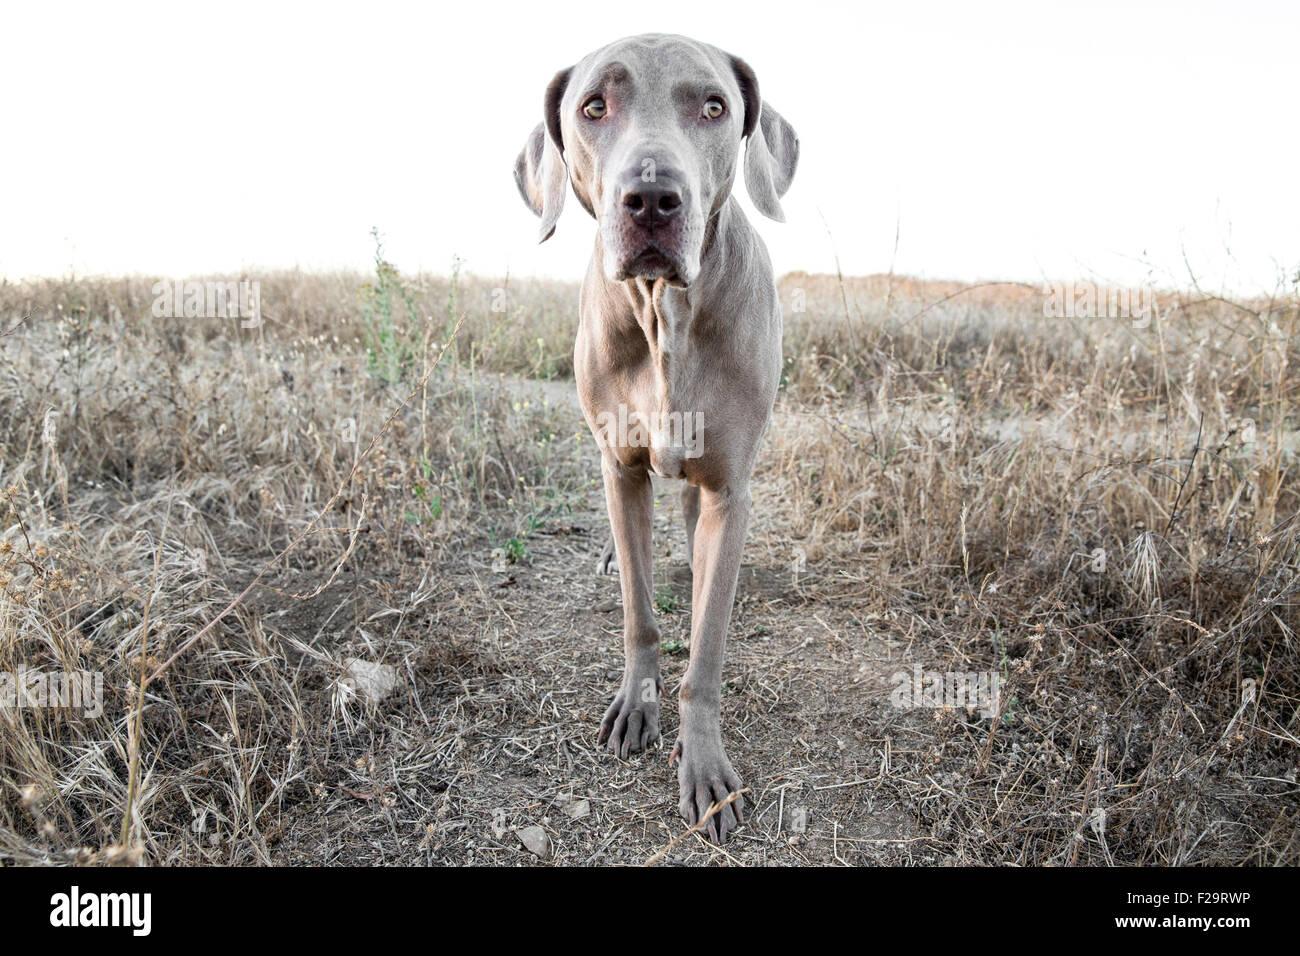 Weimaraner Hund vor Kamera stehend auf Weg in trockenen kargen Wiese beobachten Stockbild